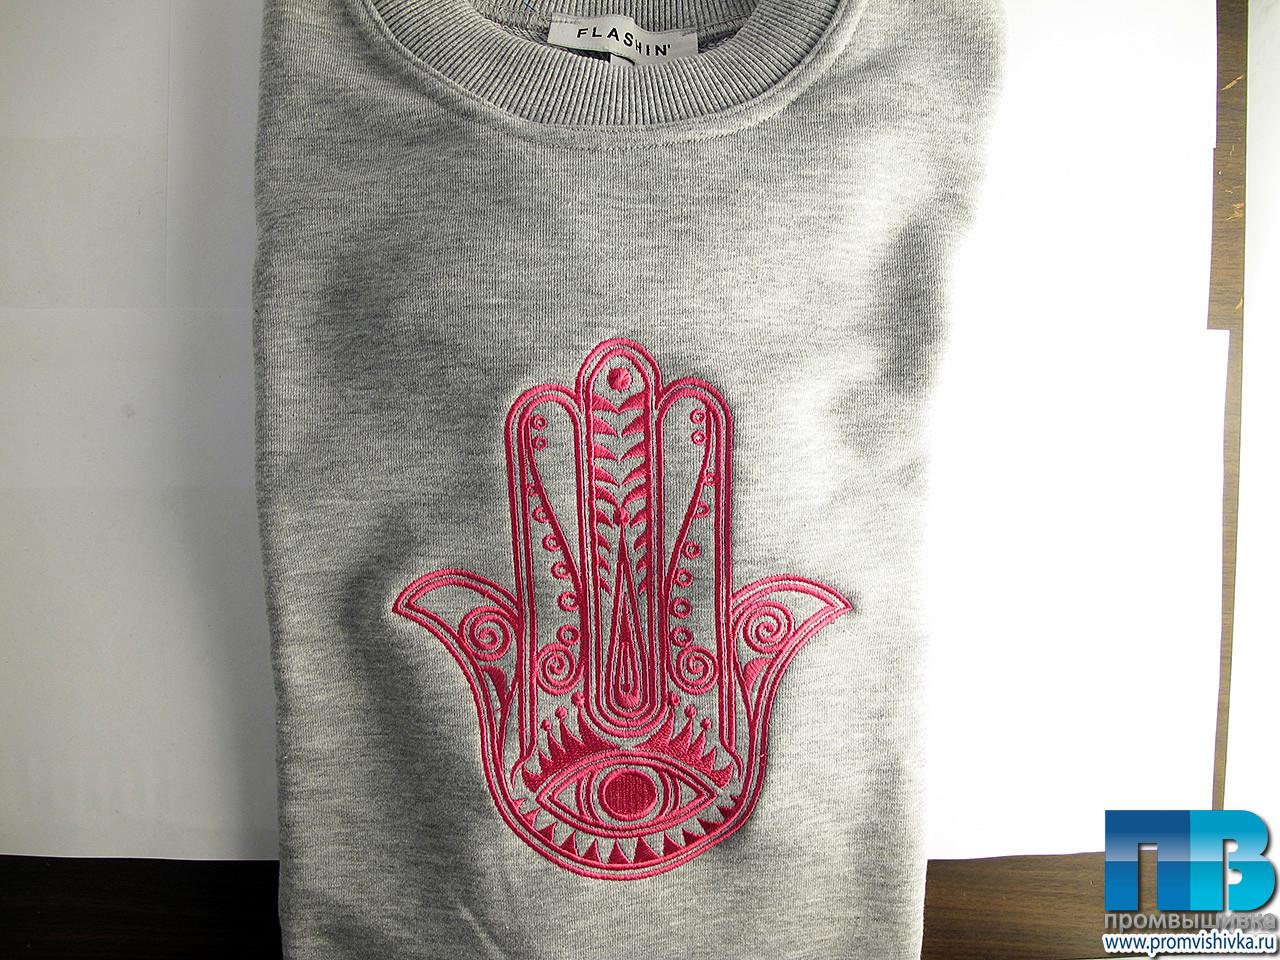 Вышивка на футболках от 1 in